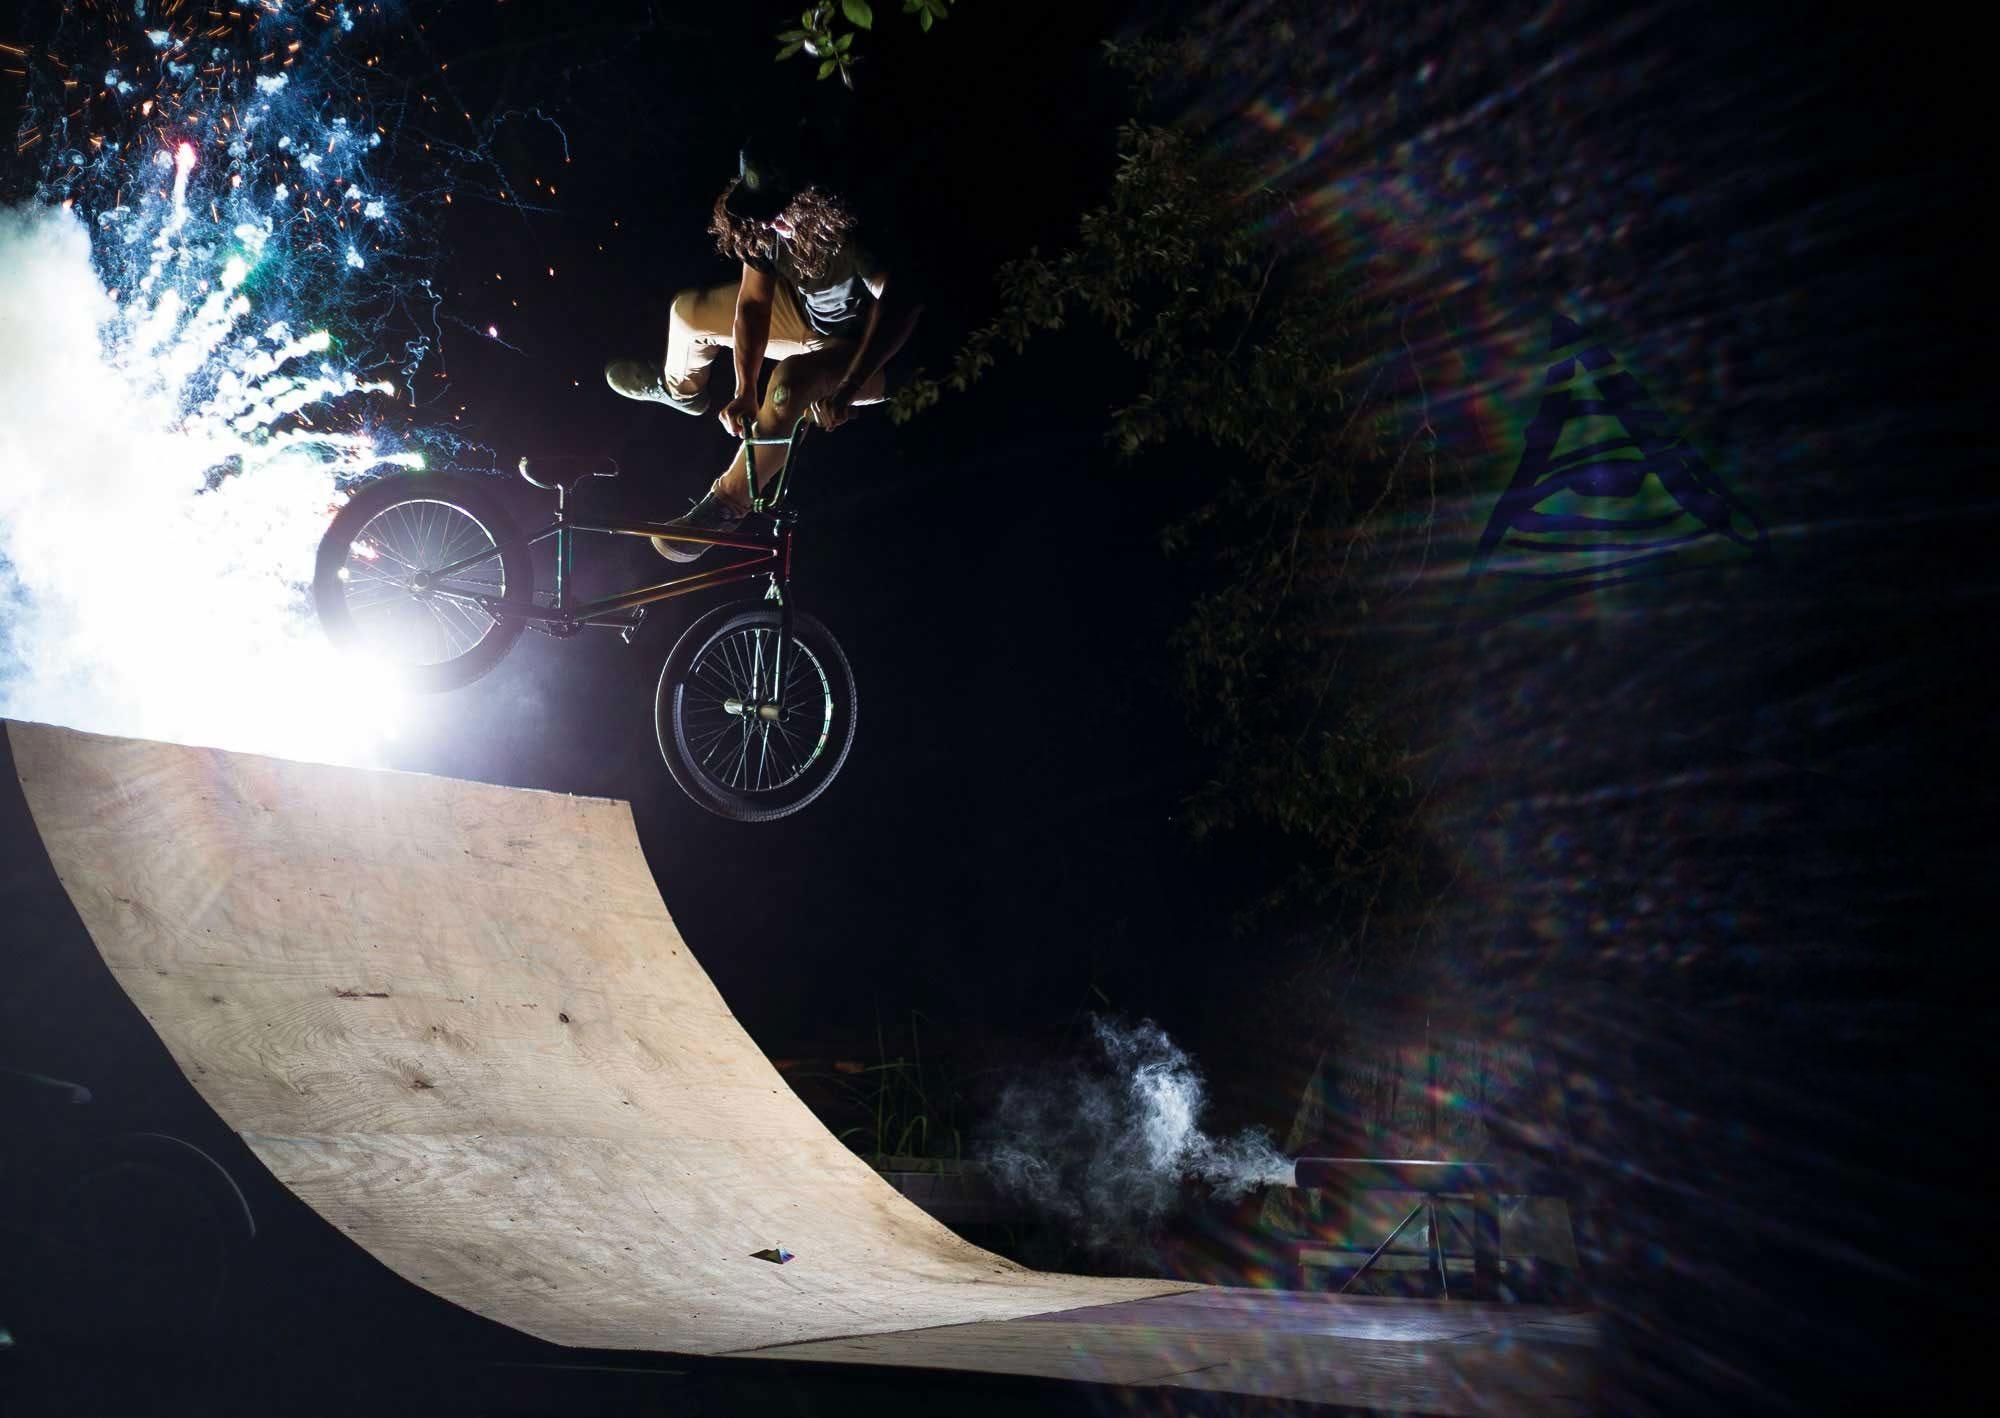 Themen rund um das BMX